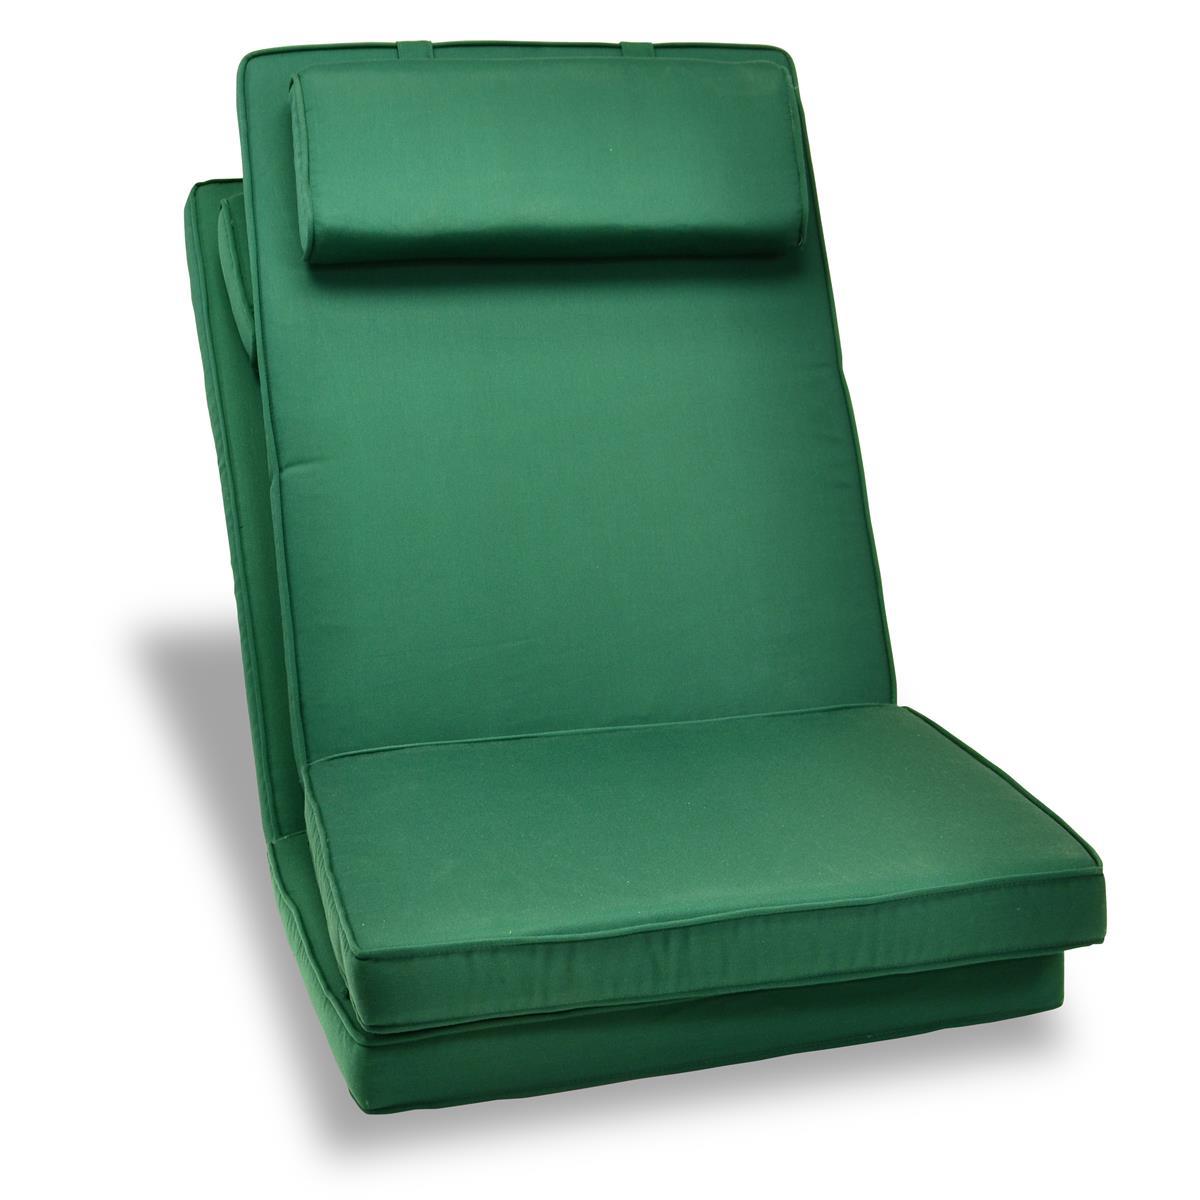 DIVERO 2er Set Sitzauflage Stuhlauflage Hochlehner Gartenstuhl Klappstuhl grün